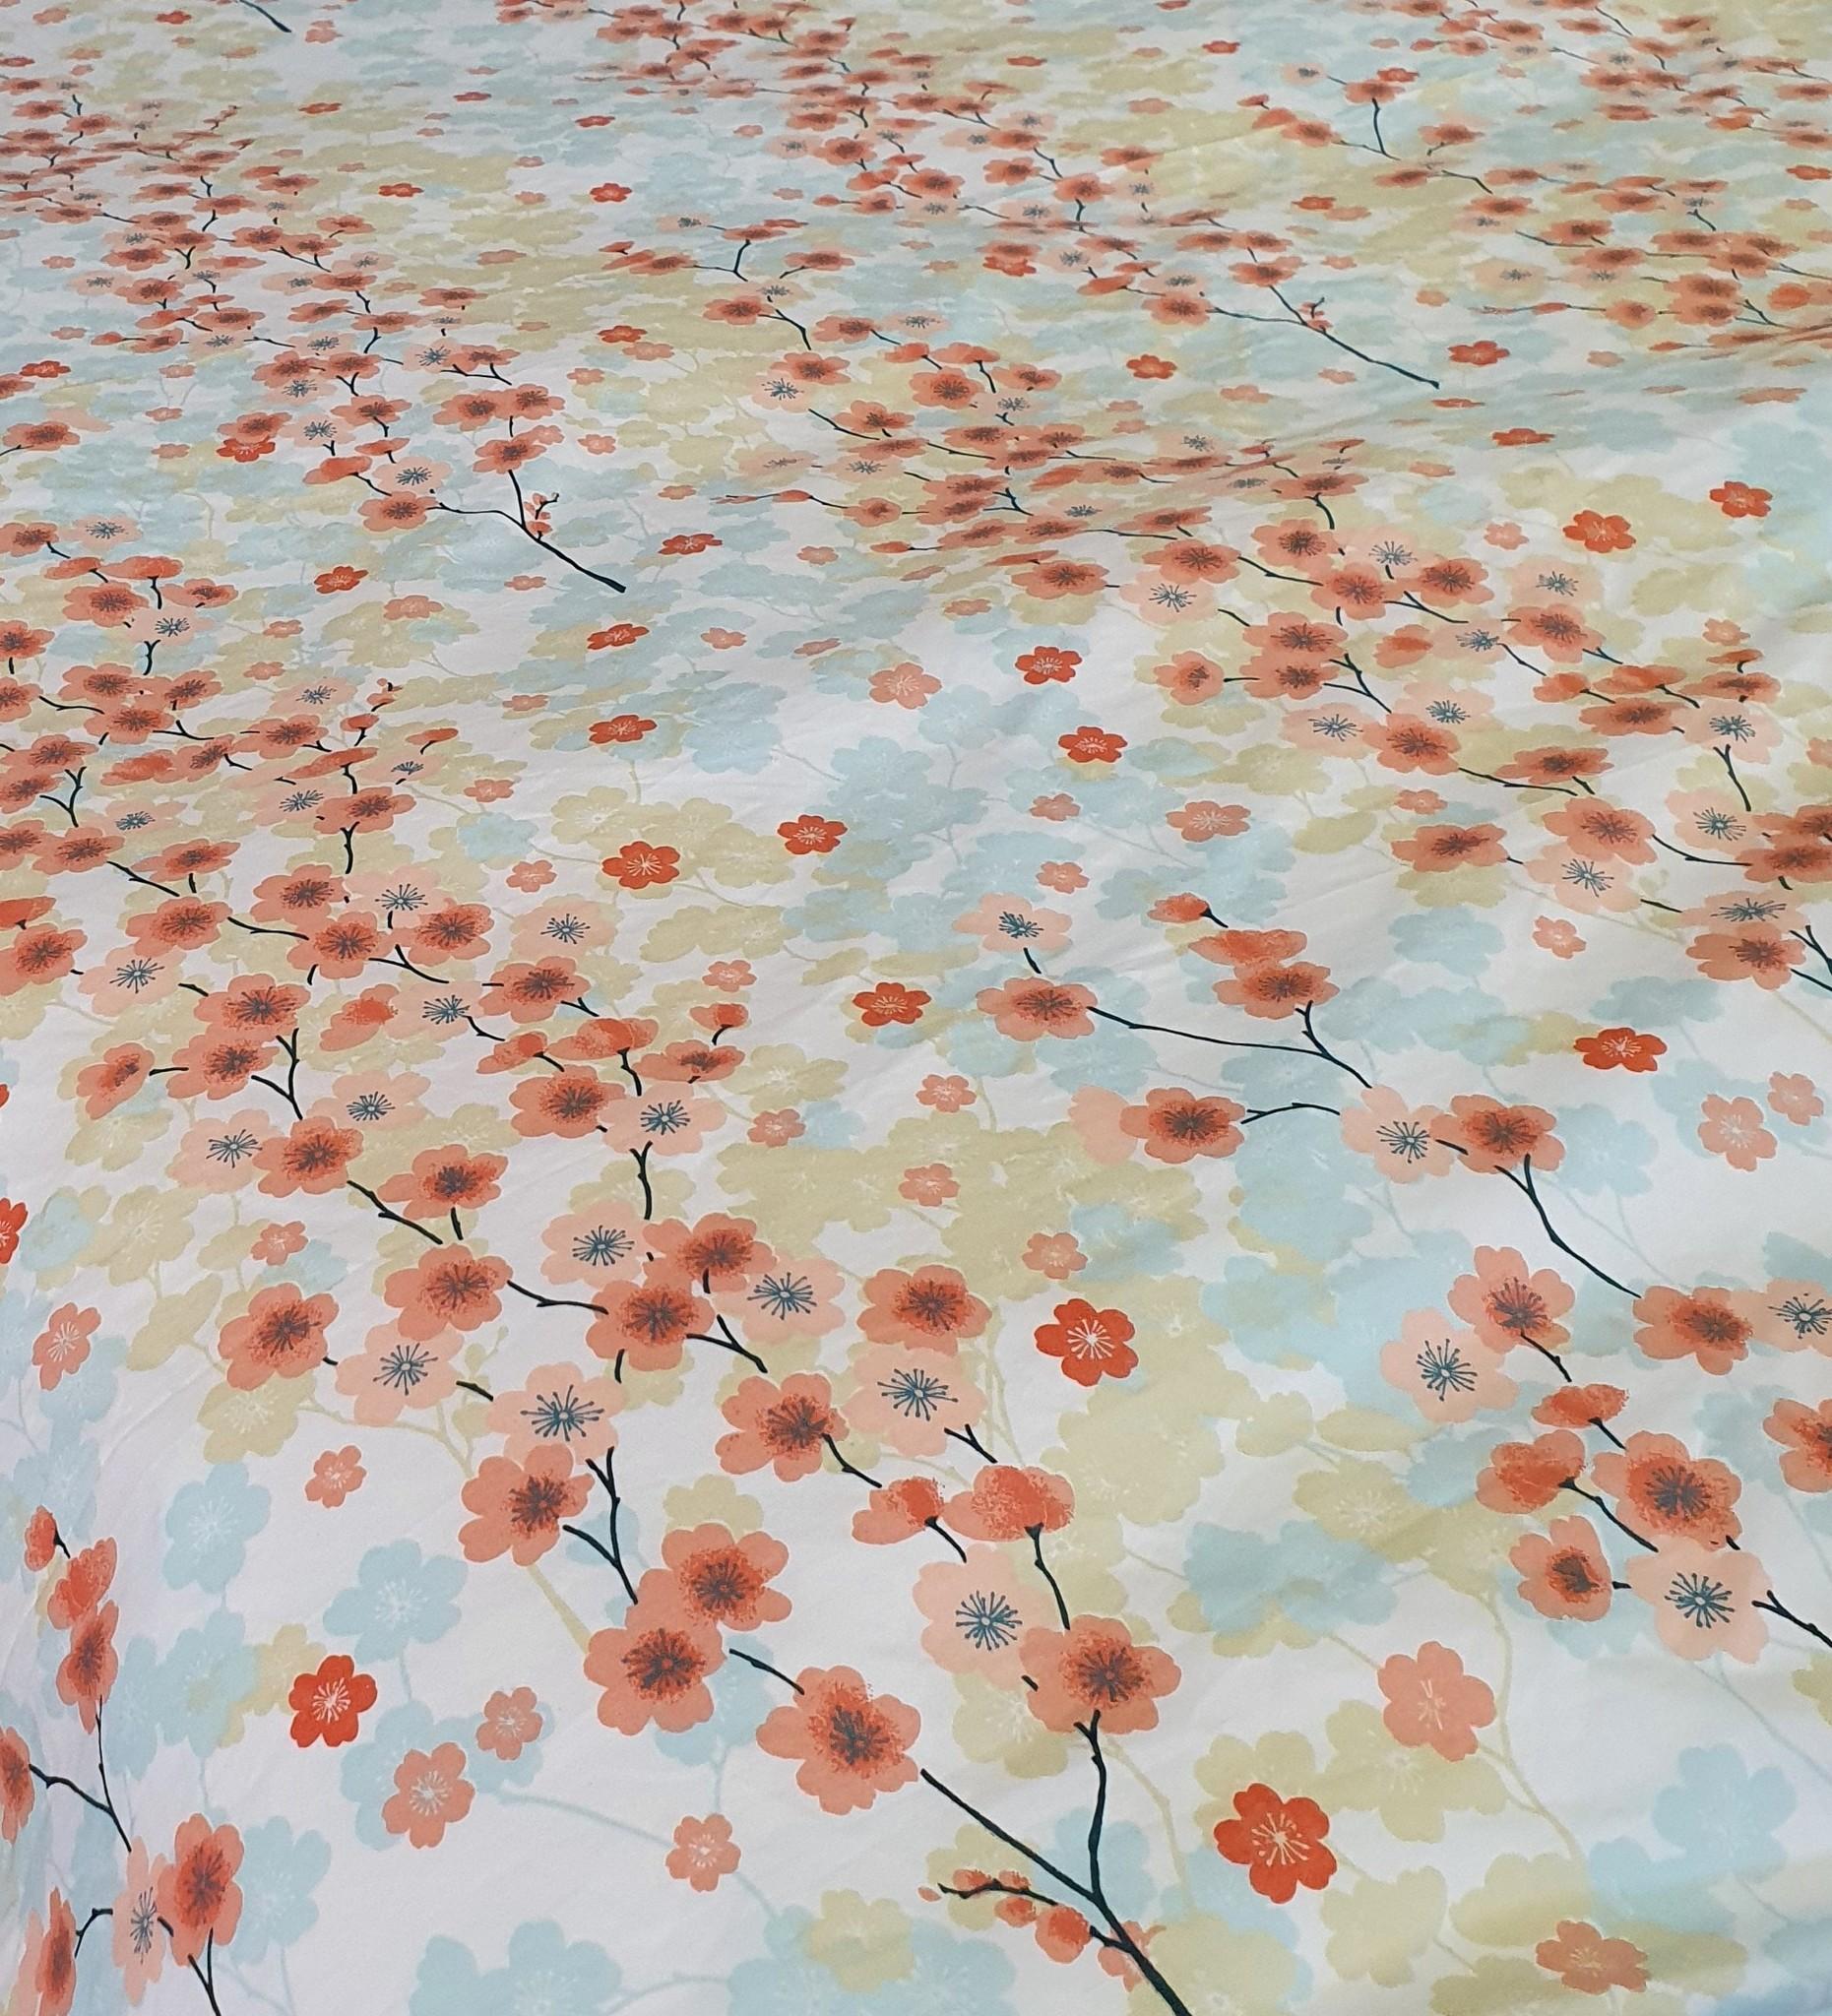 Sofiben Budgetline Sofiben dekbedovertrek met rits Cherry Blossom  katoenmenging 70% katoen / 30% polyester,  140 x 220 met 1 kussensloop